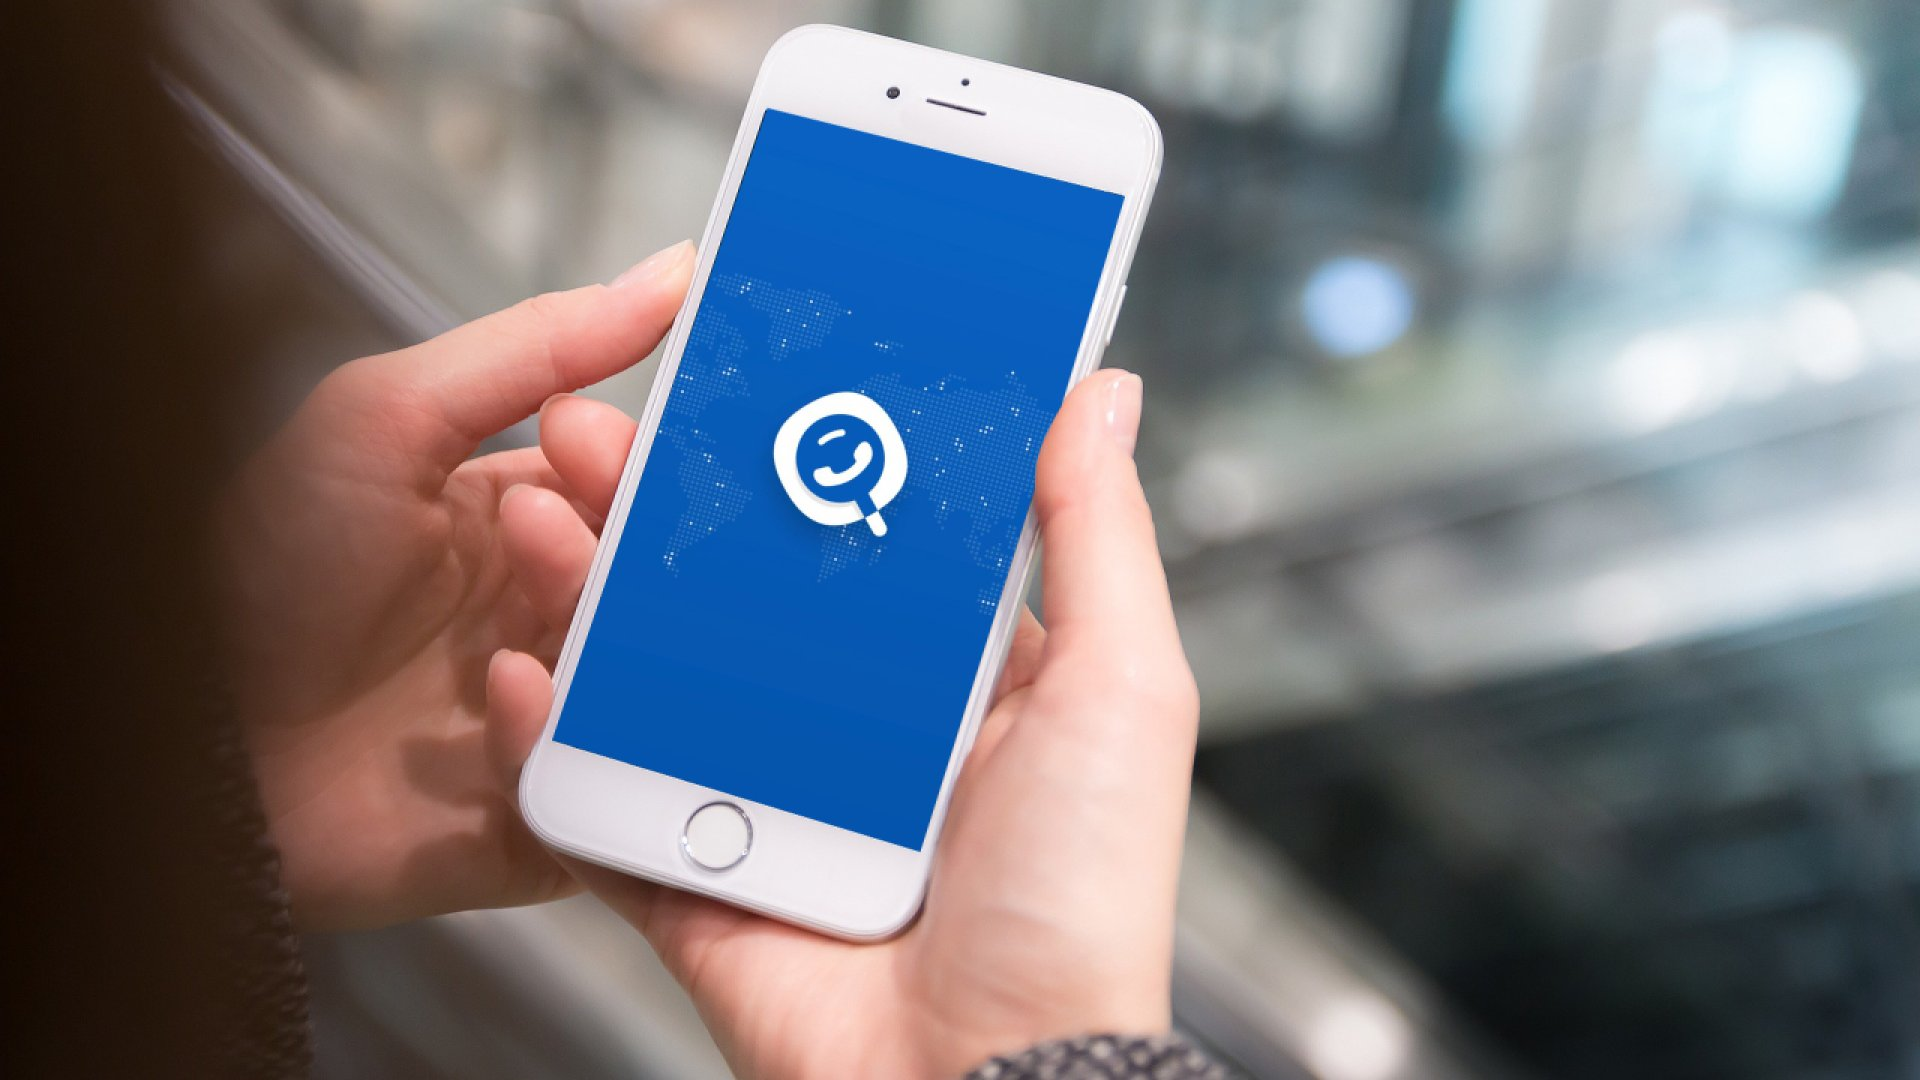 Роскомнадзор призвал россиян удалить популярное мобильное приложение